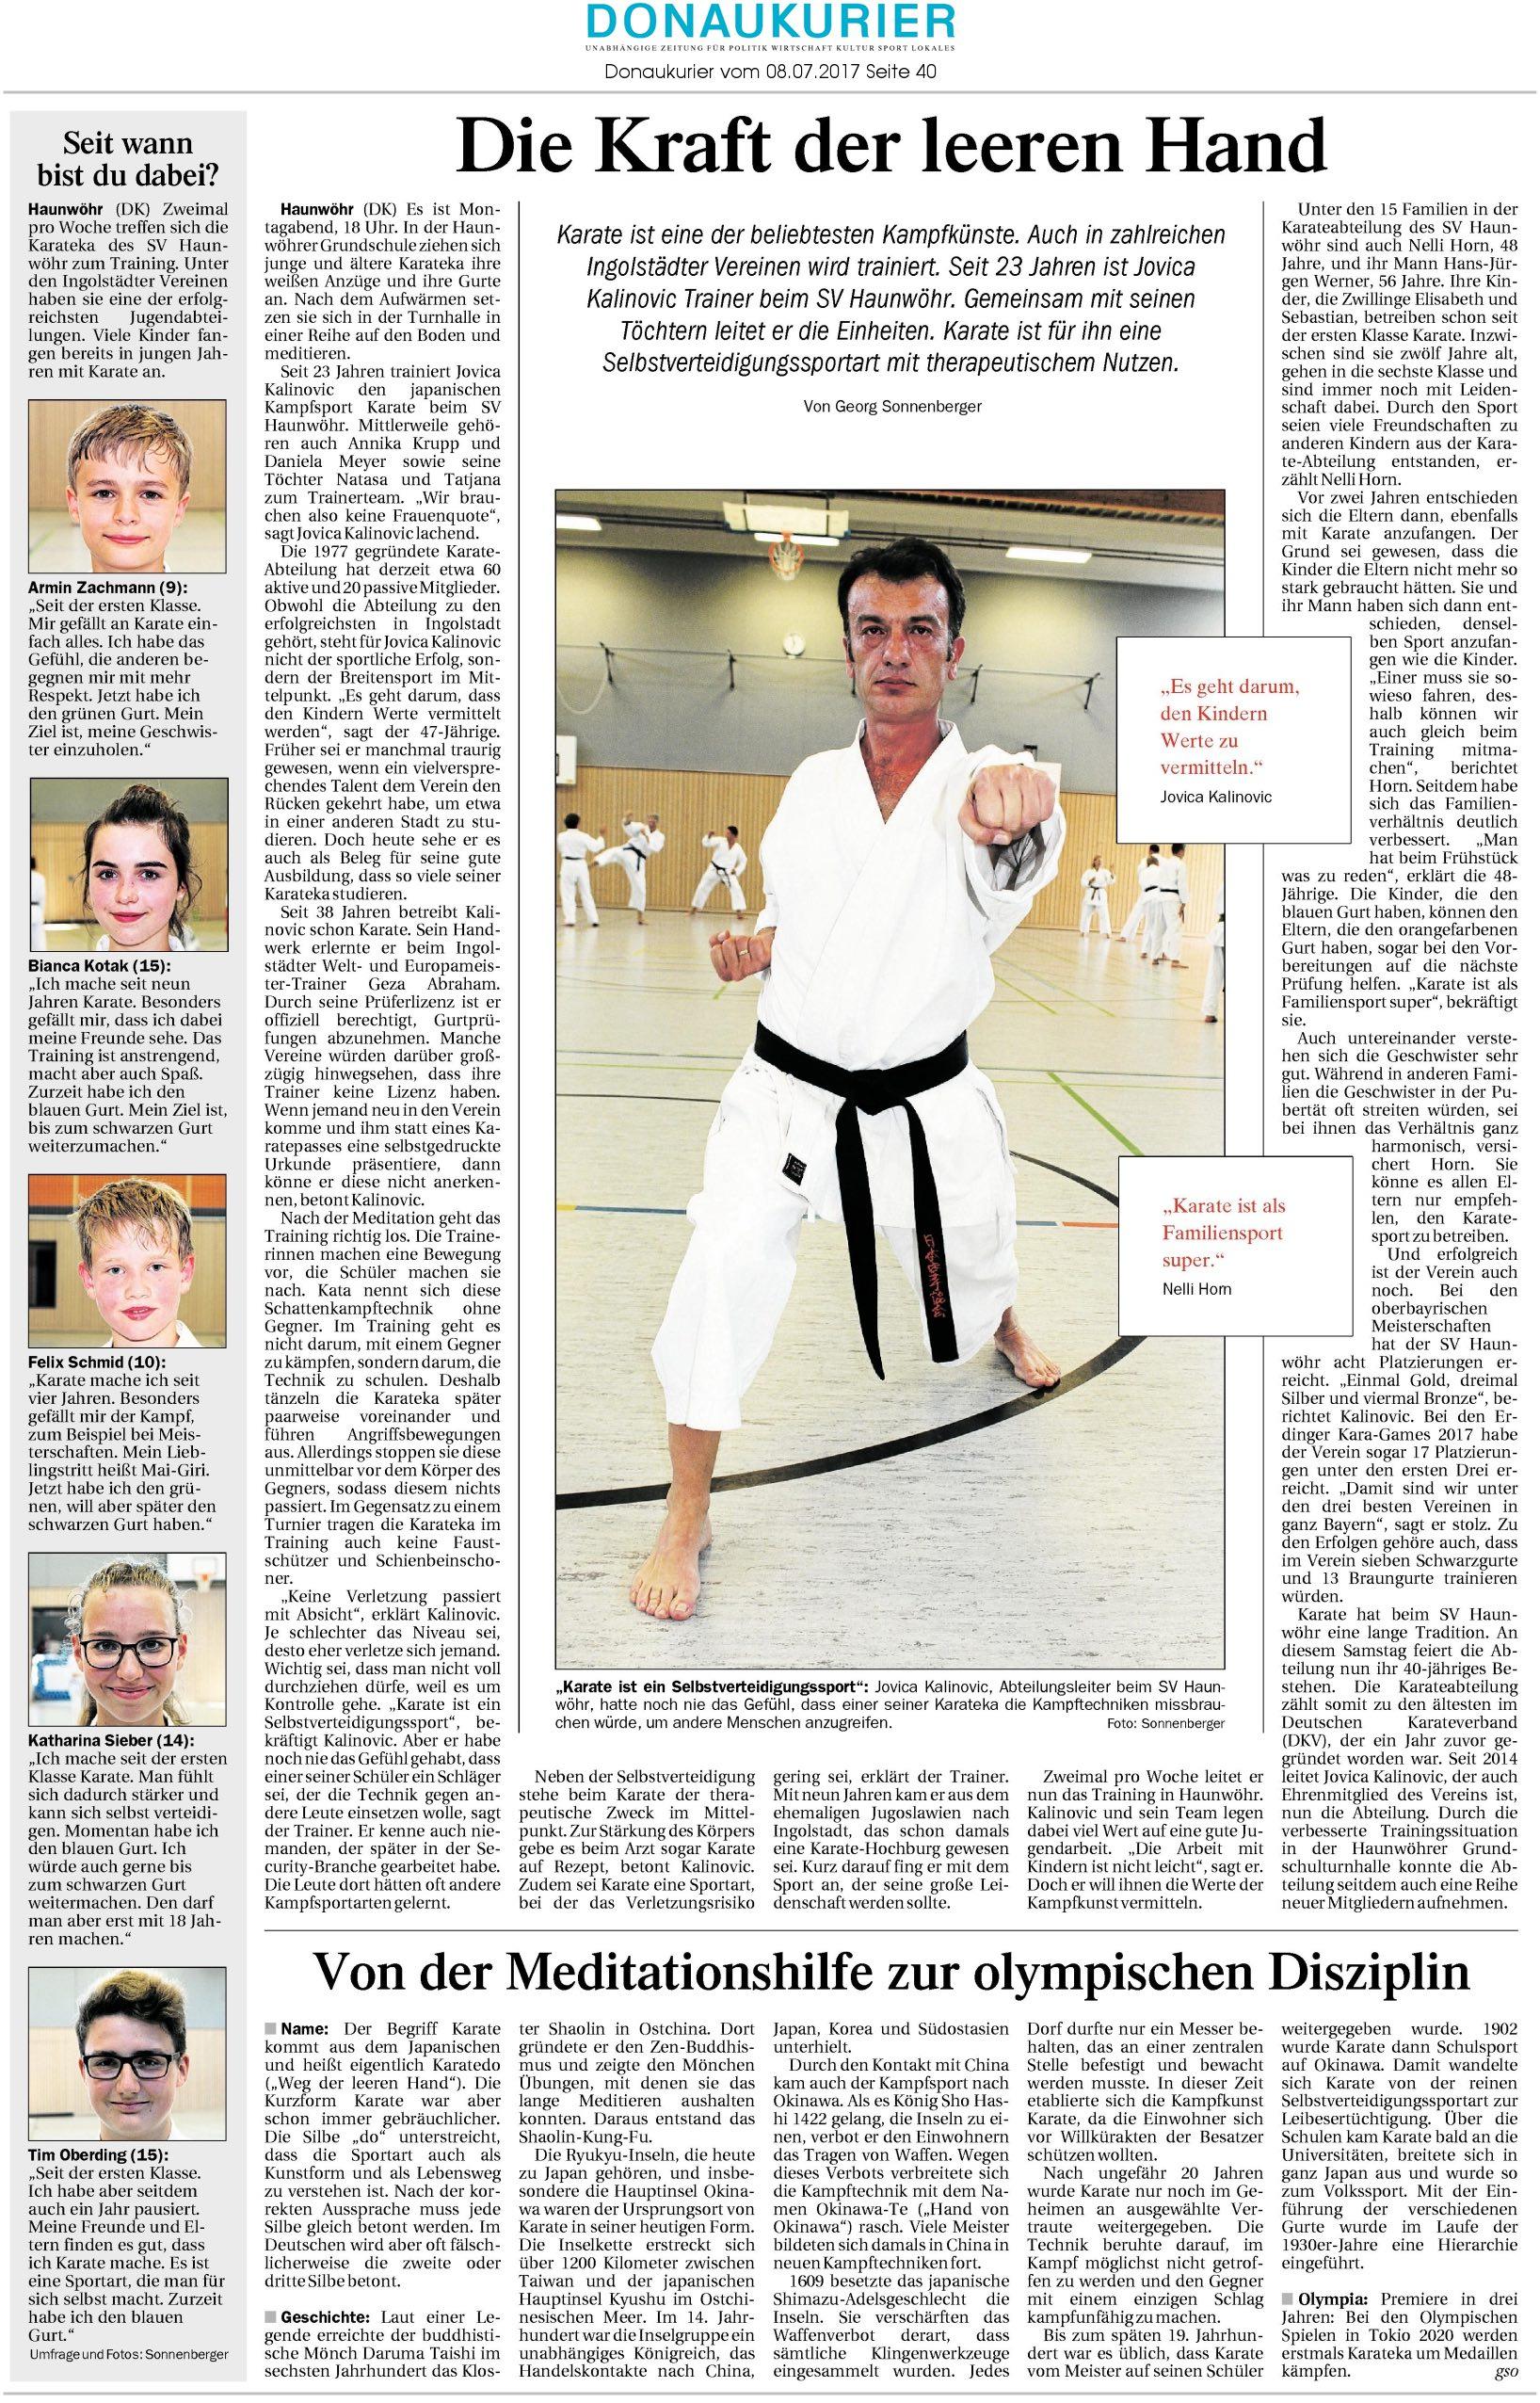 Donaukurierartikel vom 08.07.2017 über den Karateverein Ingolstadt - Haunwöhr | Quelle: www.donaukurier.de - Die Kraft der leerten Hand